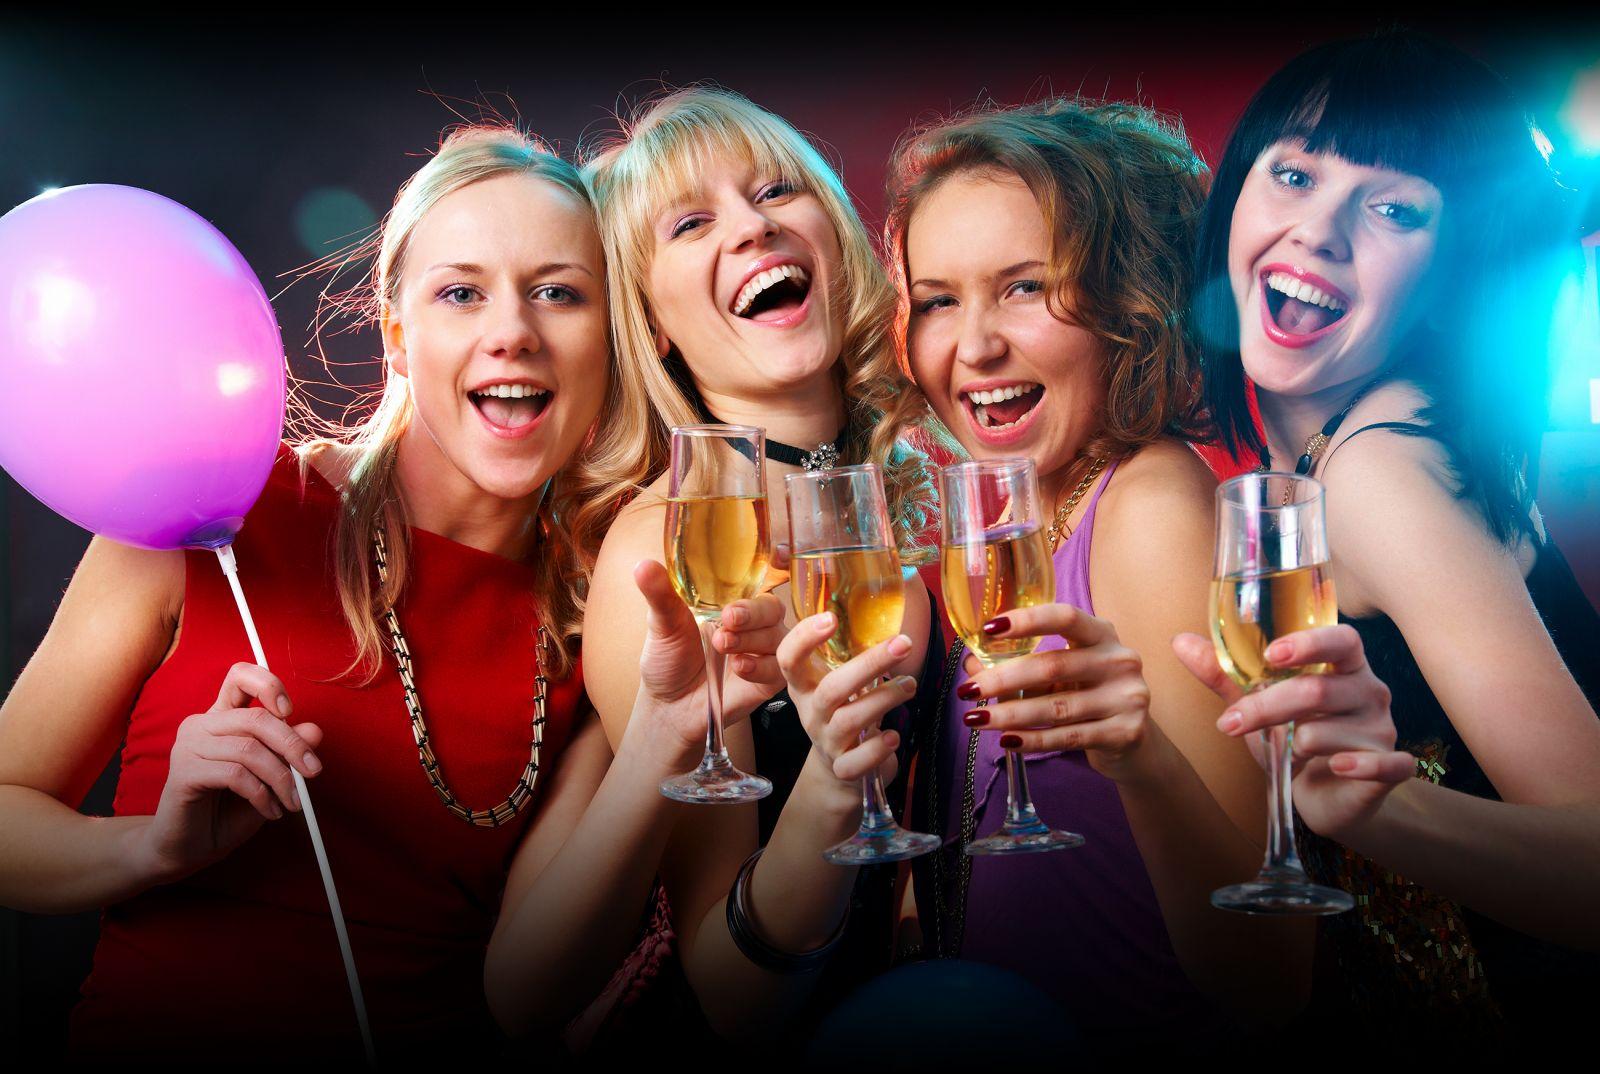 Приколы на корпоративе пьянь секс фото 175-365